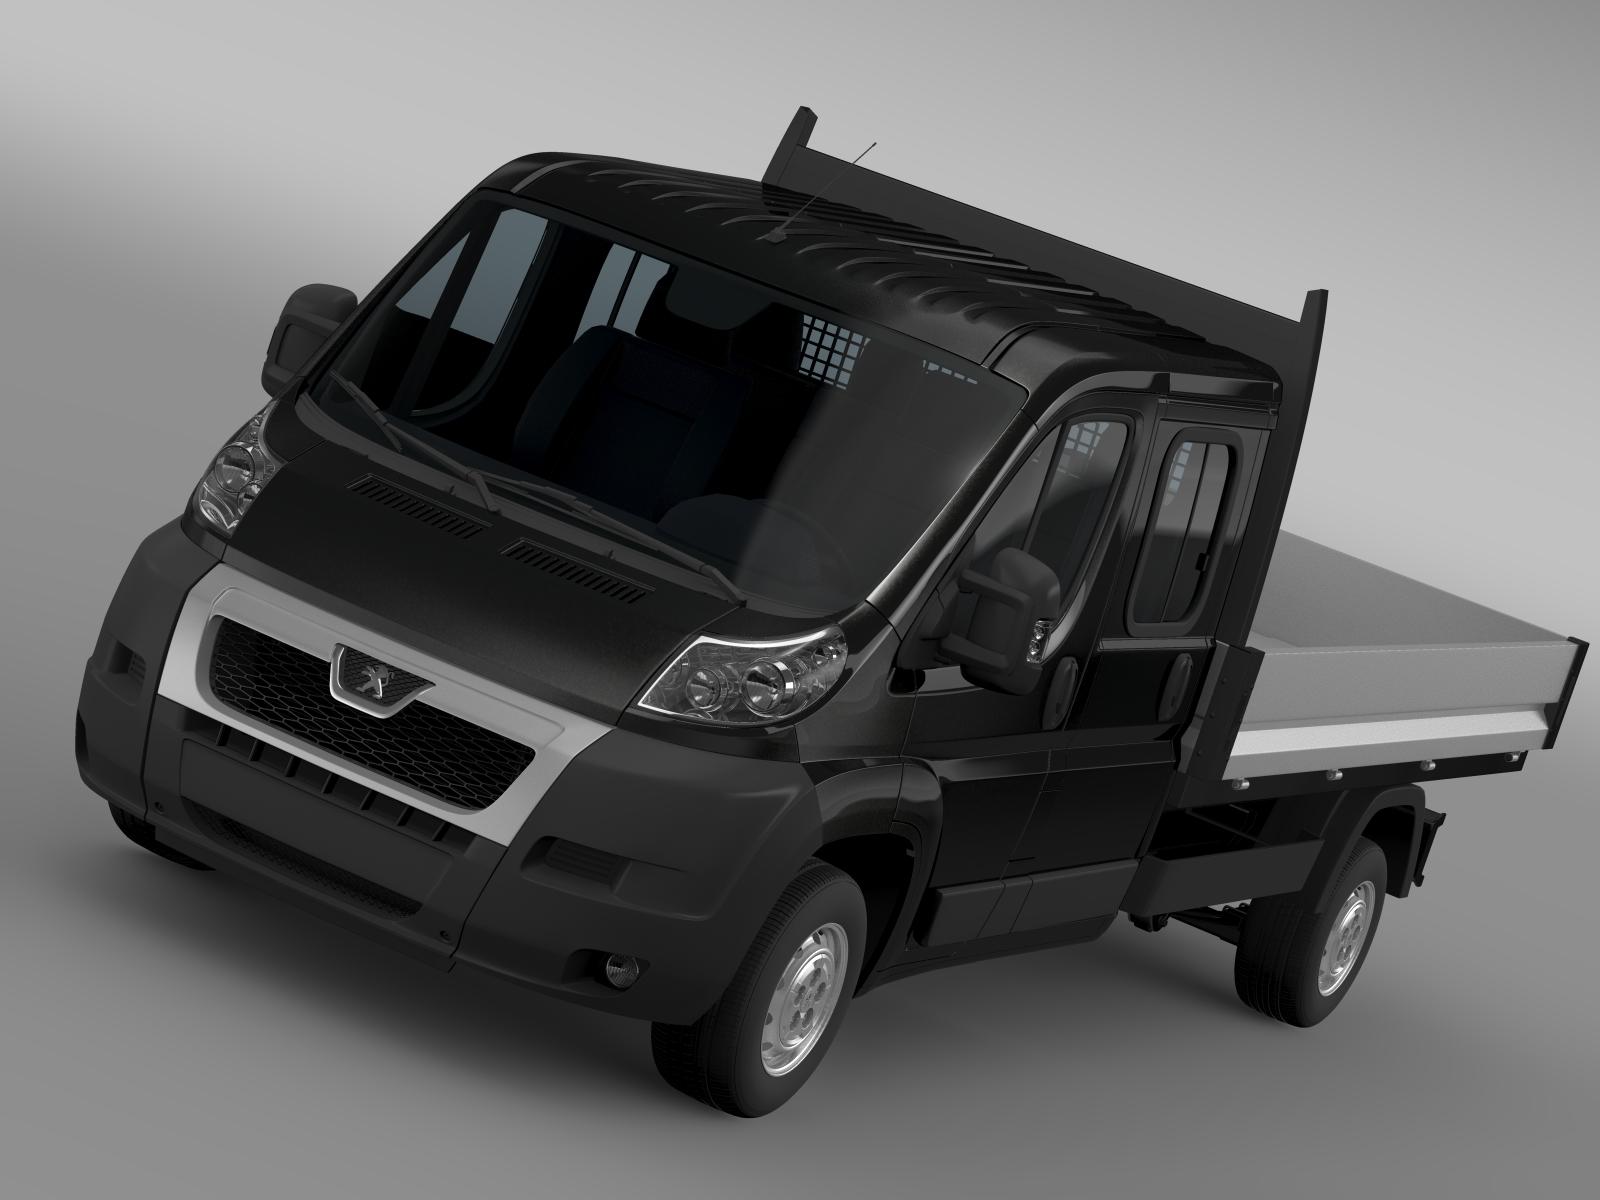 Peugeot boksçu ekipaj kabin maşını 2009-2014 3d modeli 3ds max fbx c4d lwo ma mb hrc xsi obj 218781